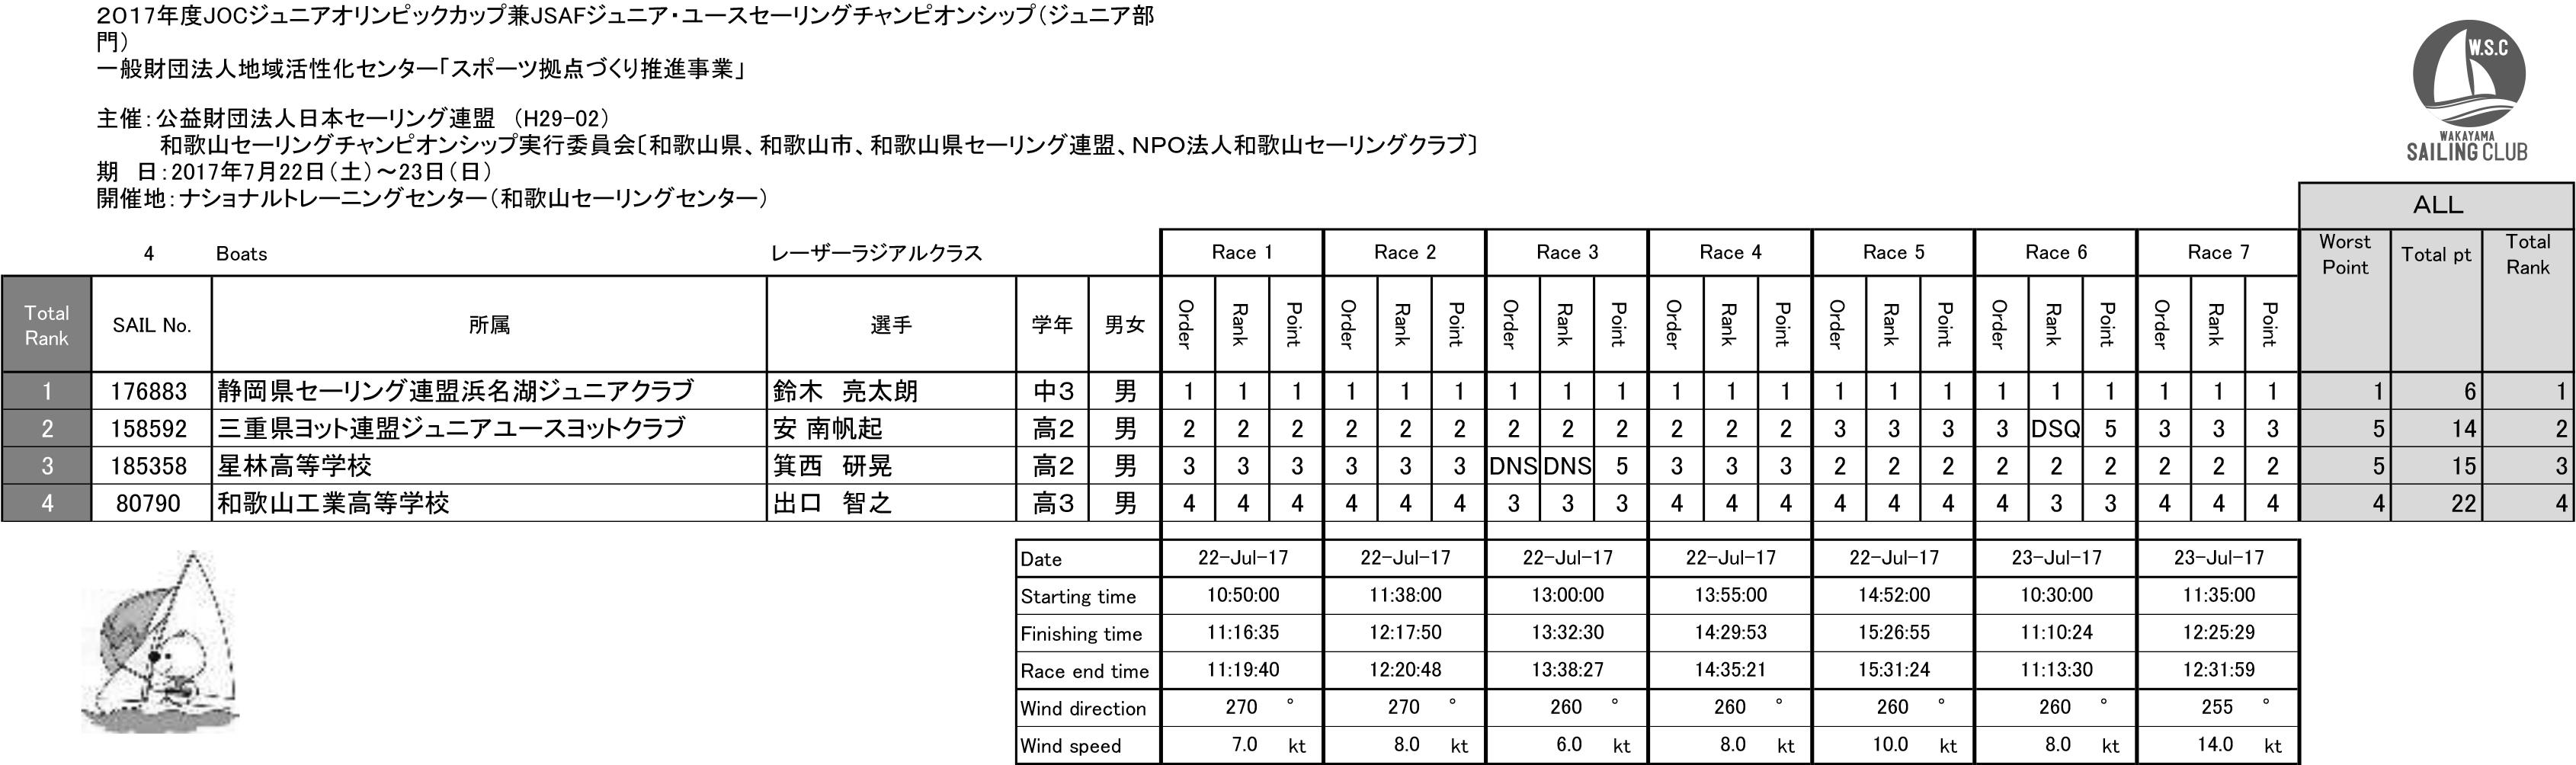 2017JOC_RADIAL_result